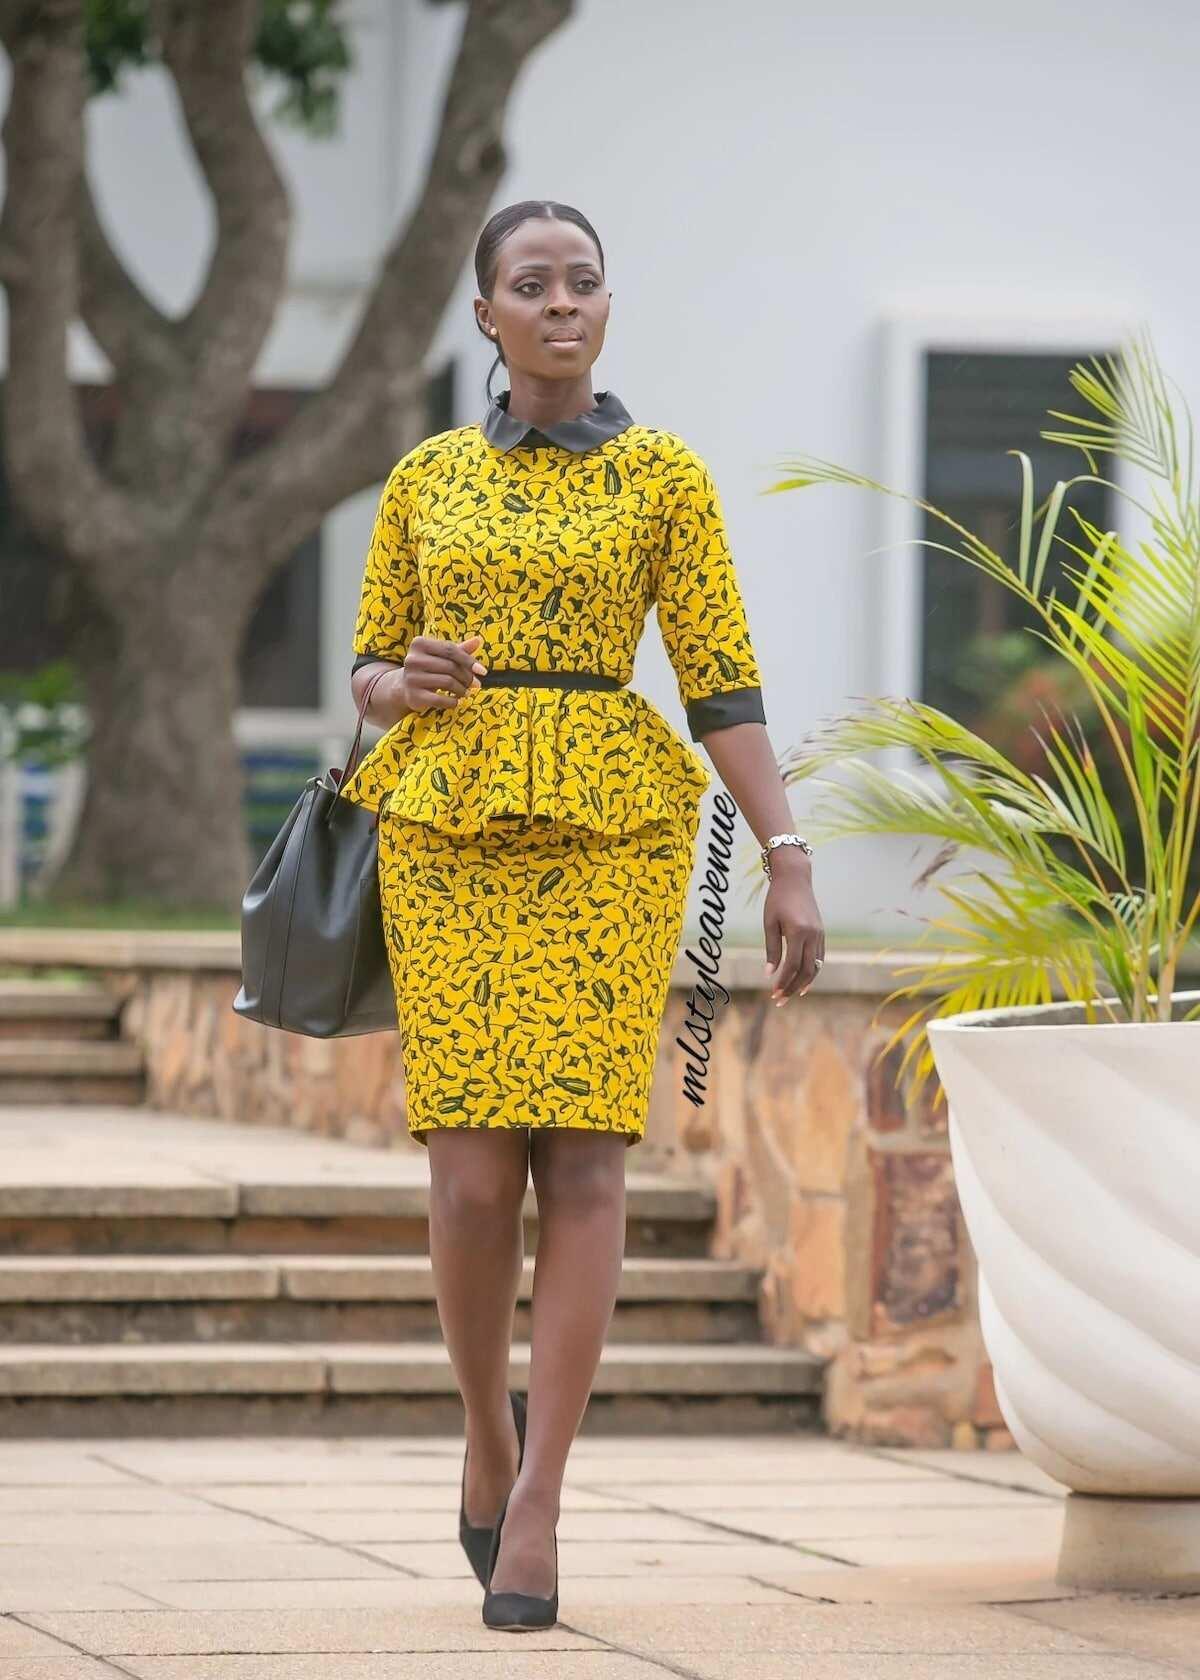 737f86dcba0 Short African dresses for ladies 2019 ▷ YEN.COM.GH